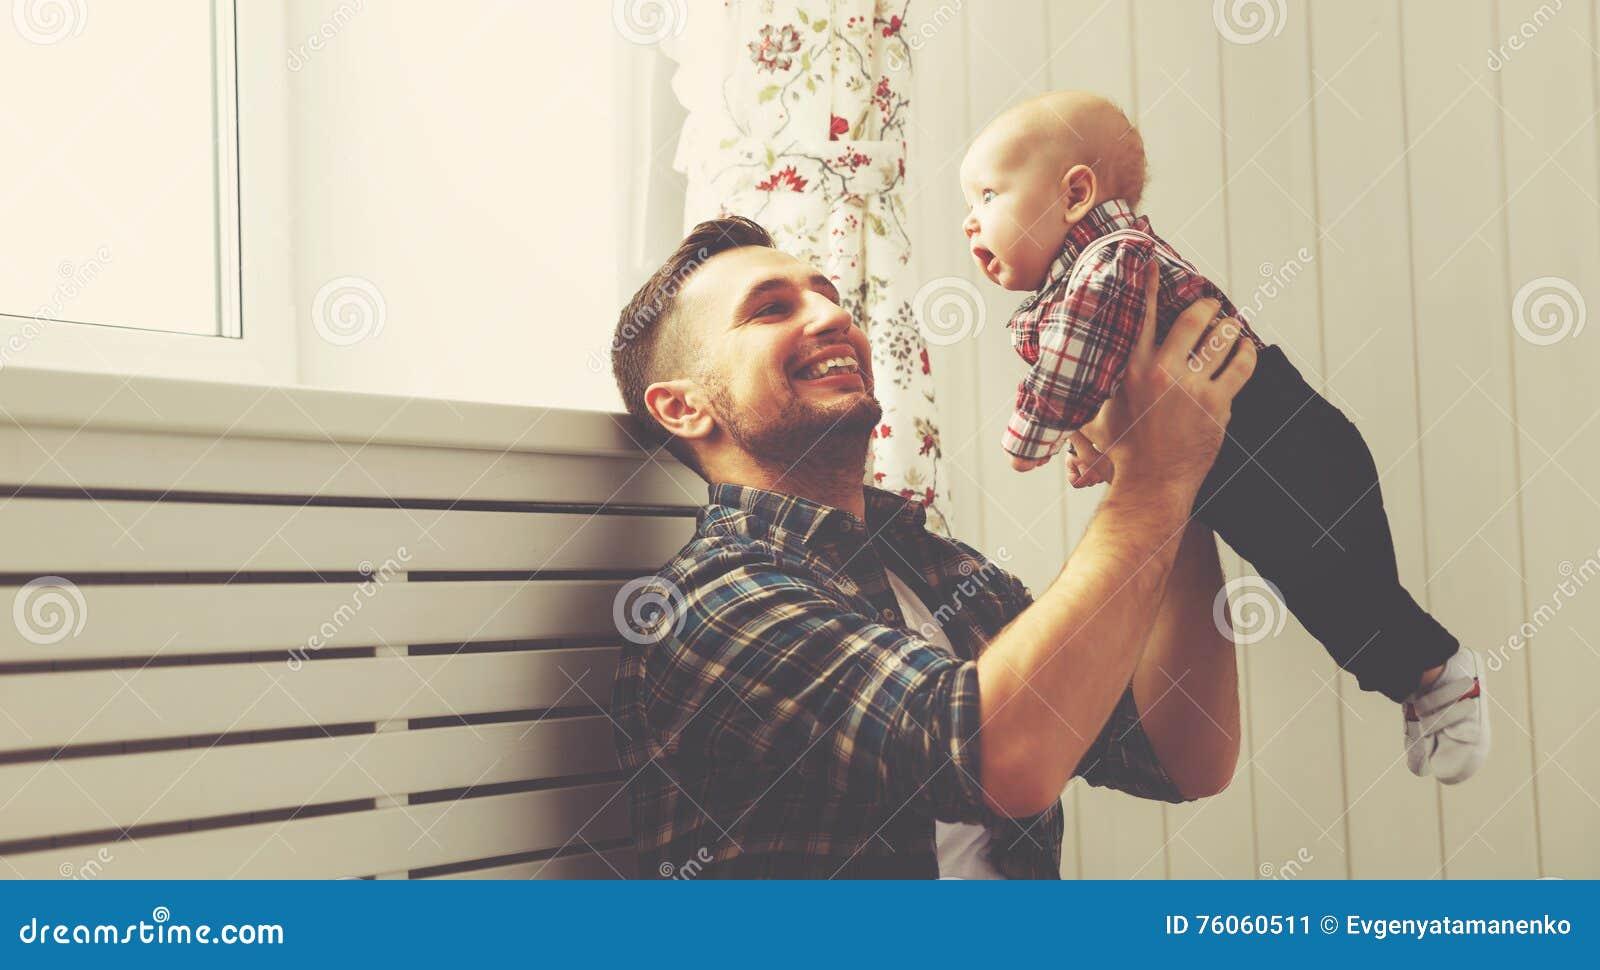 Ευτυχείς οικογενειακός πατέρας και γιος μωρών παιδιών που παίζει στο σπίτι